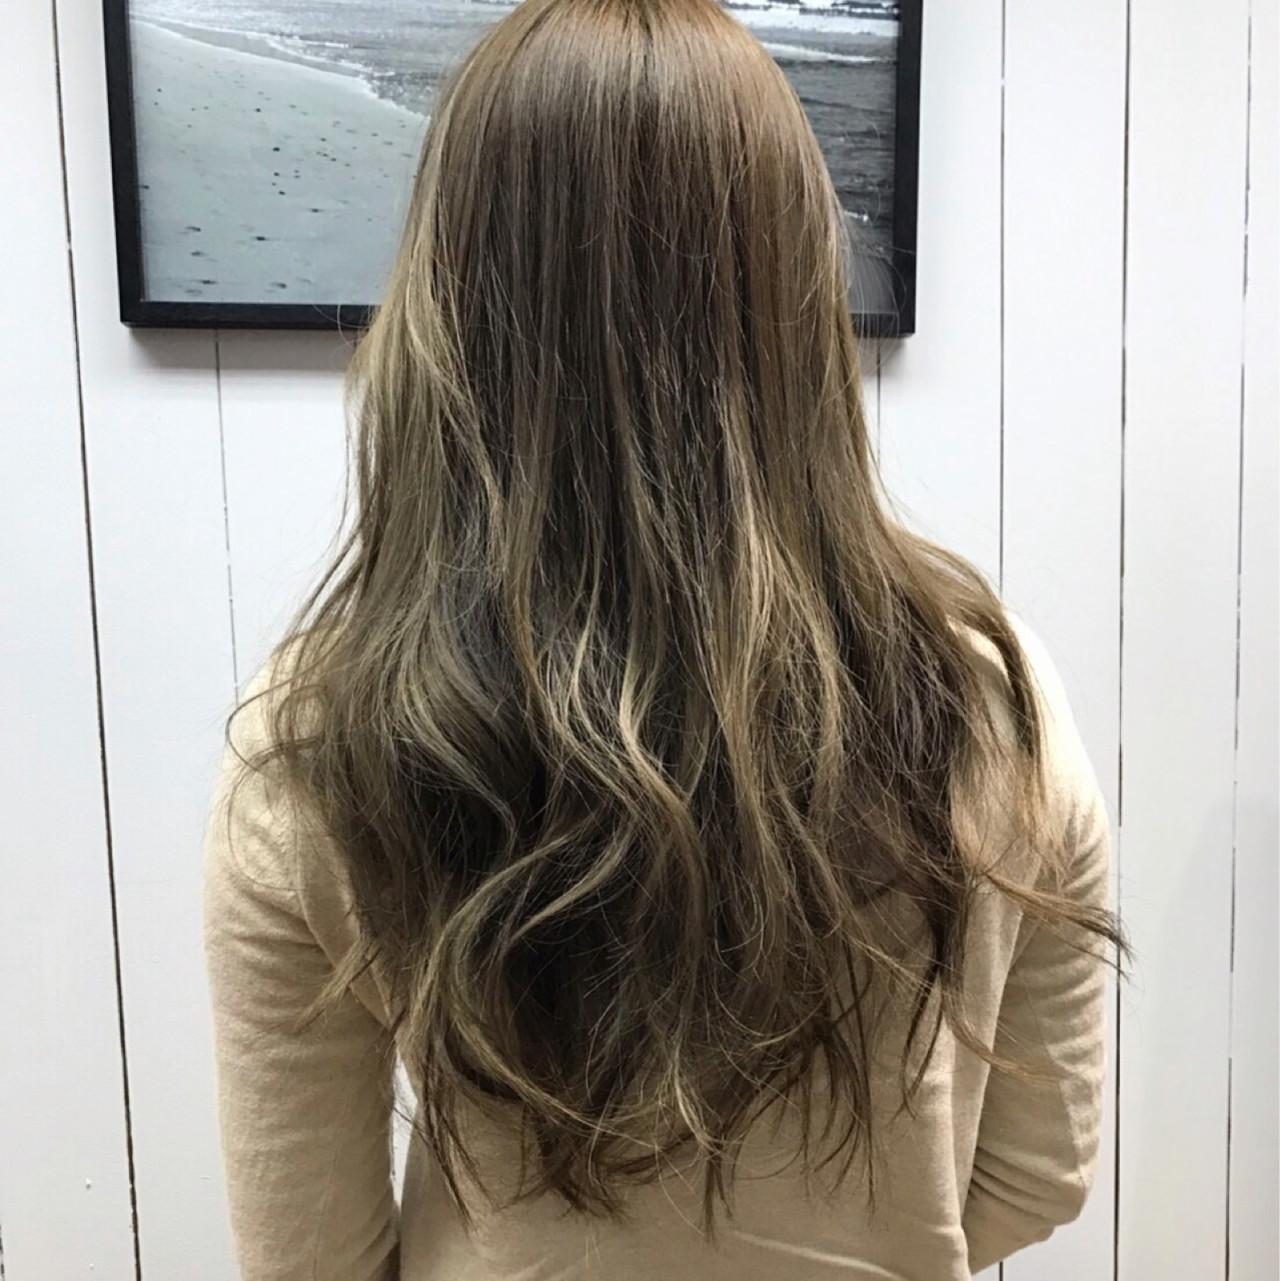 ハイライト アッシュ ニュアンス ロング ヘアスタイルや髪型の写真・画像